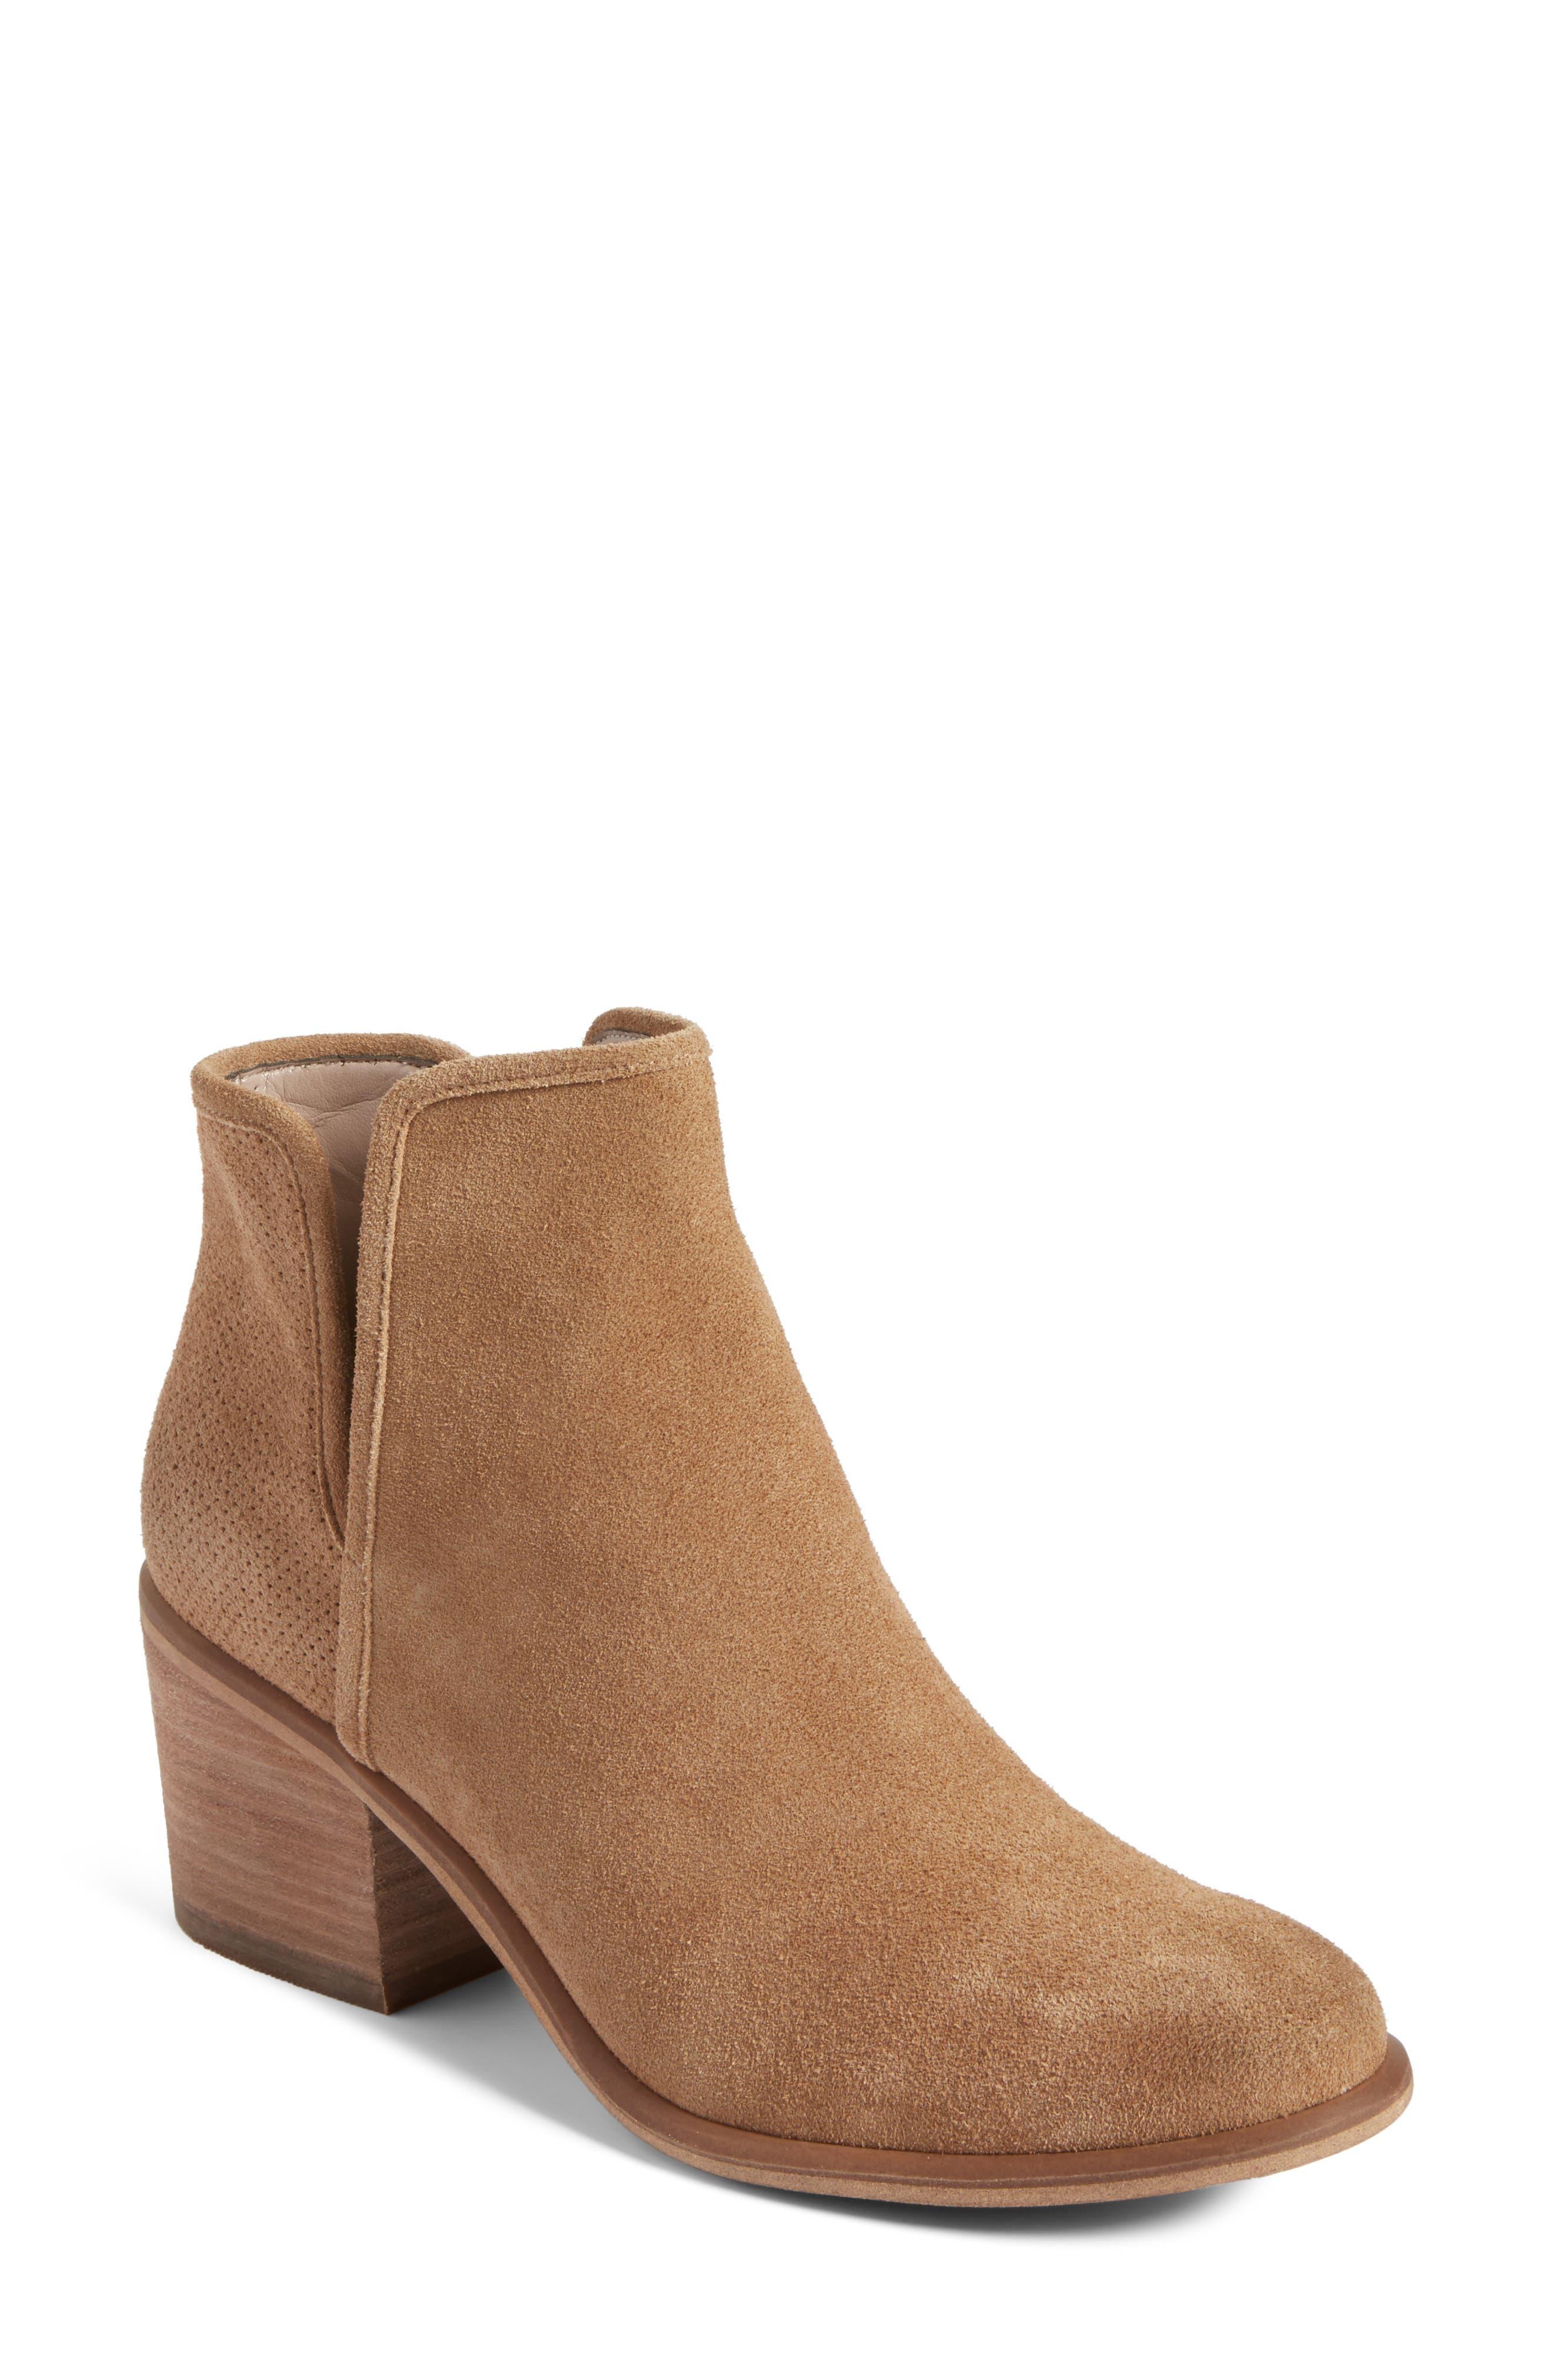 4d673b4a2d1b3 Women s Shoes Sale